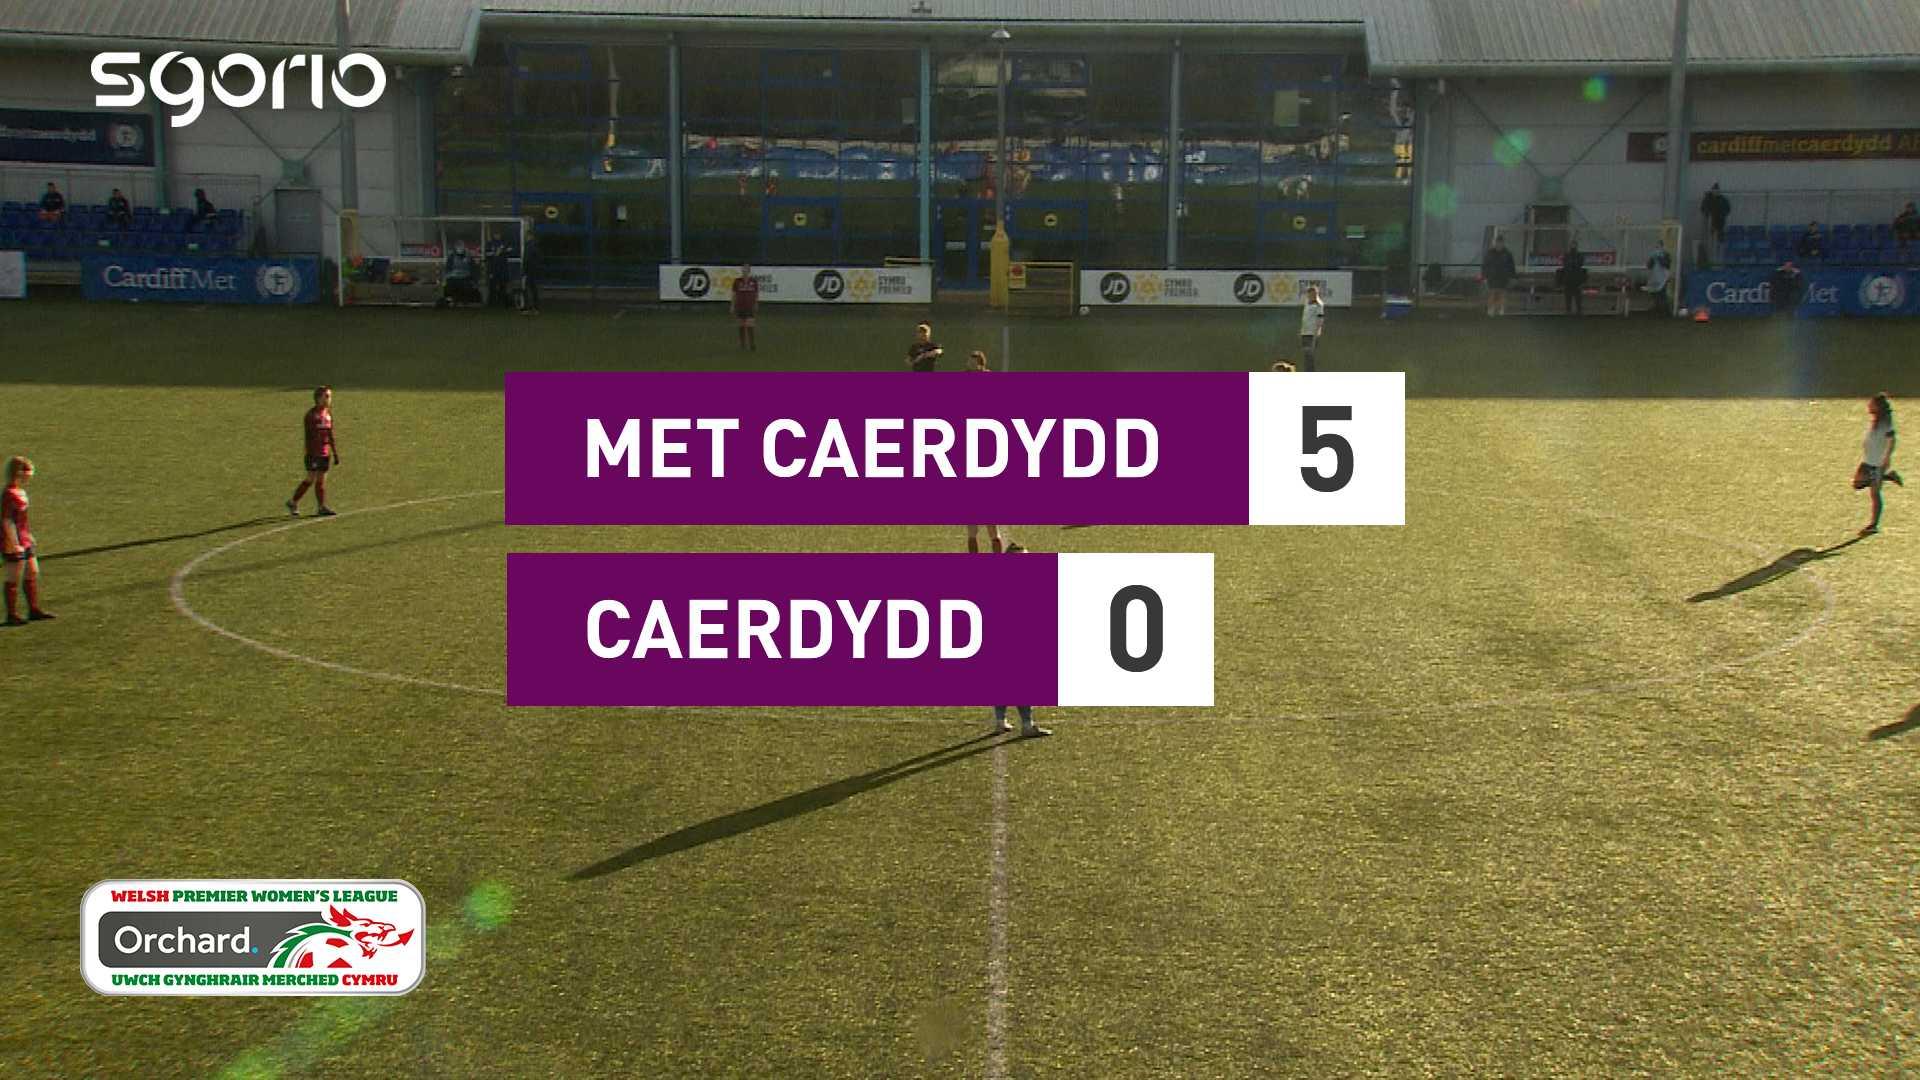 Merched Met Caerdydd 5-0 Merched Caerdydd